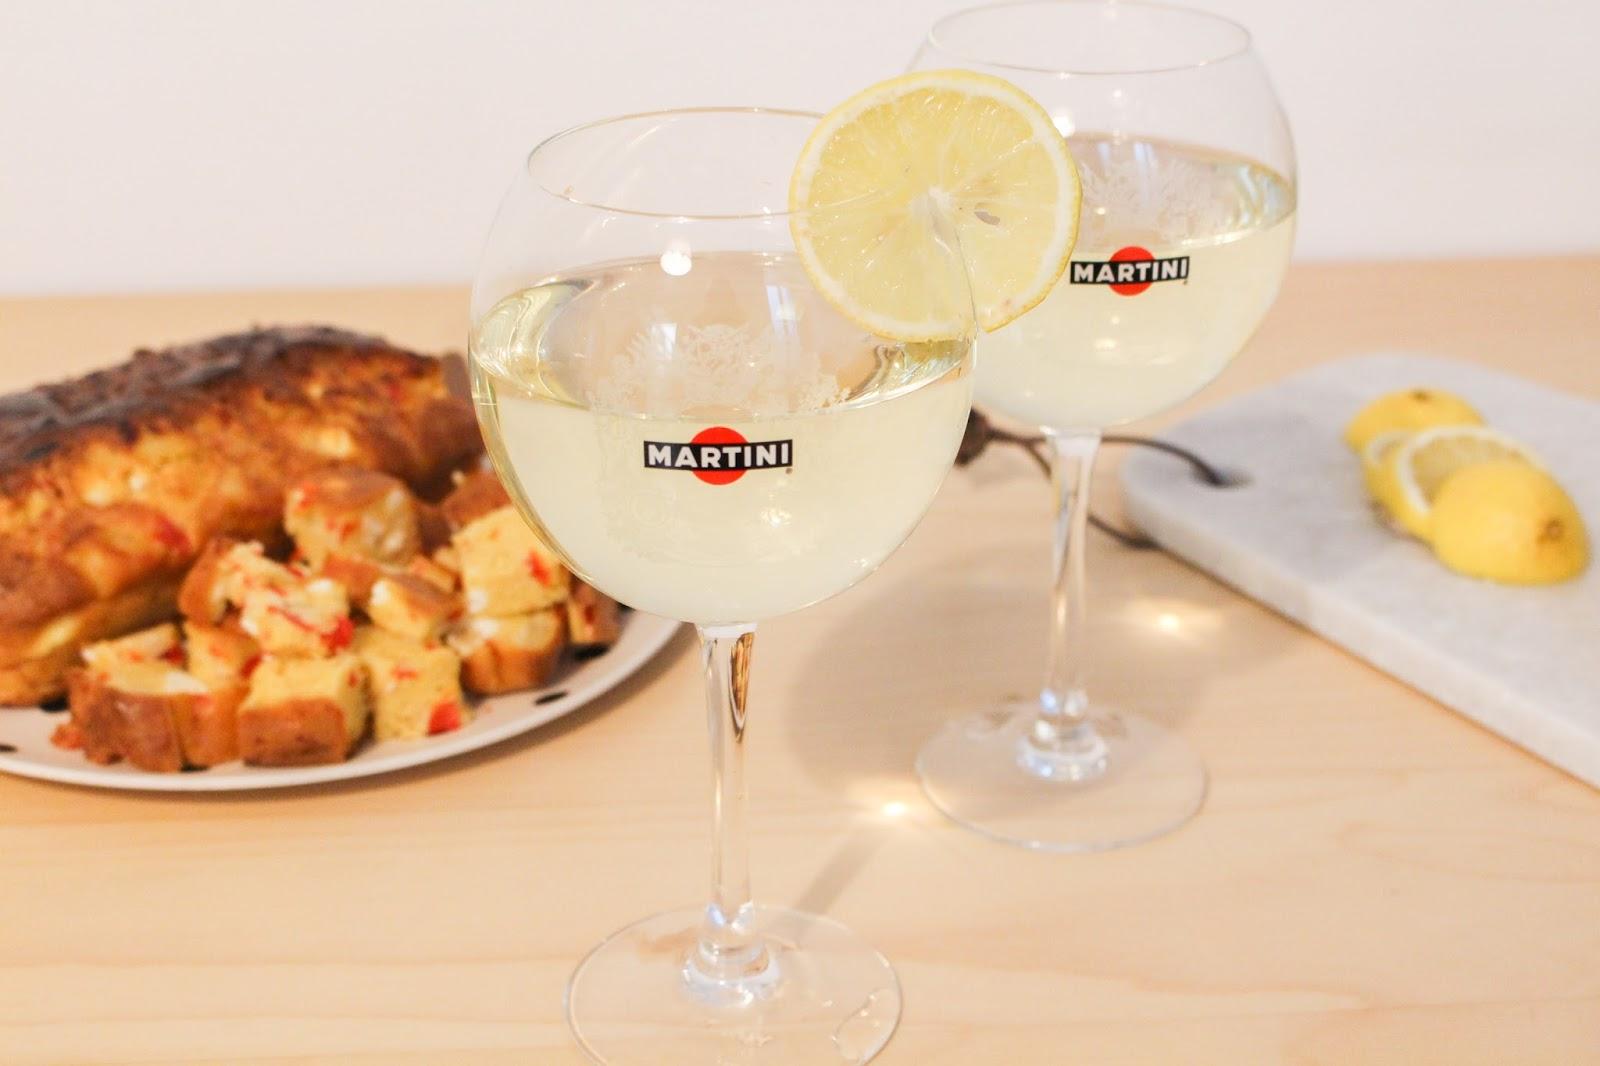 Martini apéro